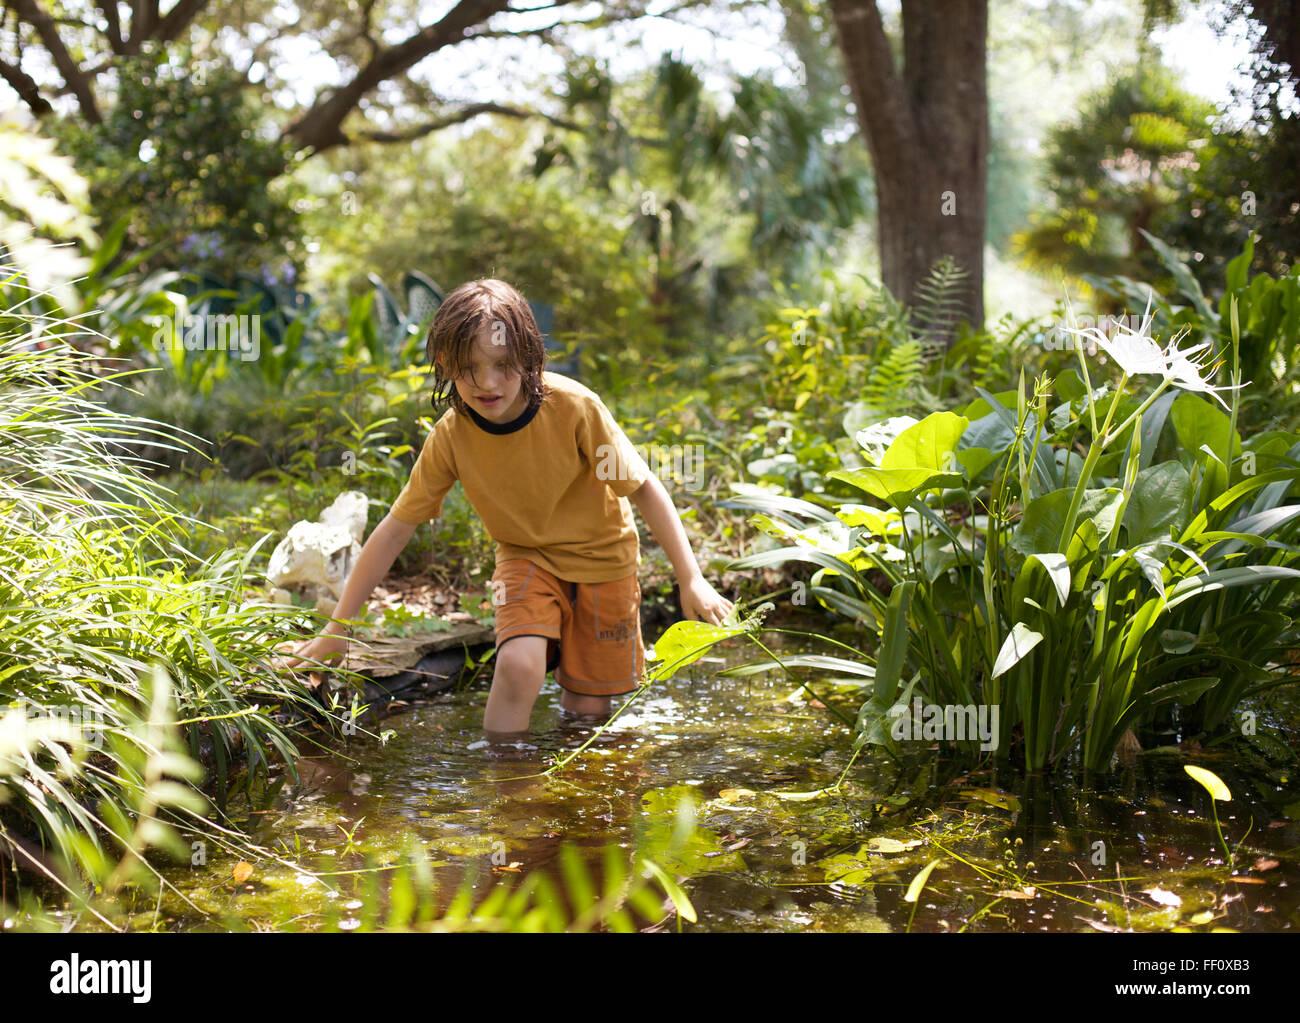 Ein Junge watet Knie tief in einem kleinen Teich in einer üppigen grünen Umgebung. Stockbild